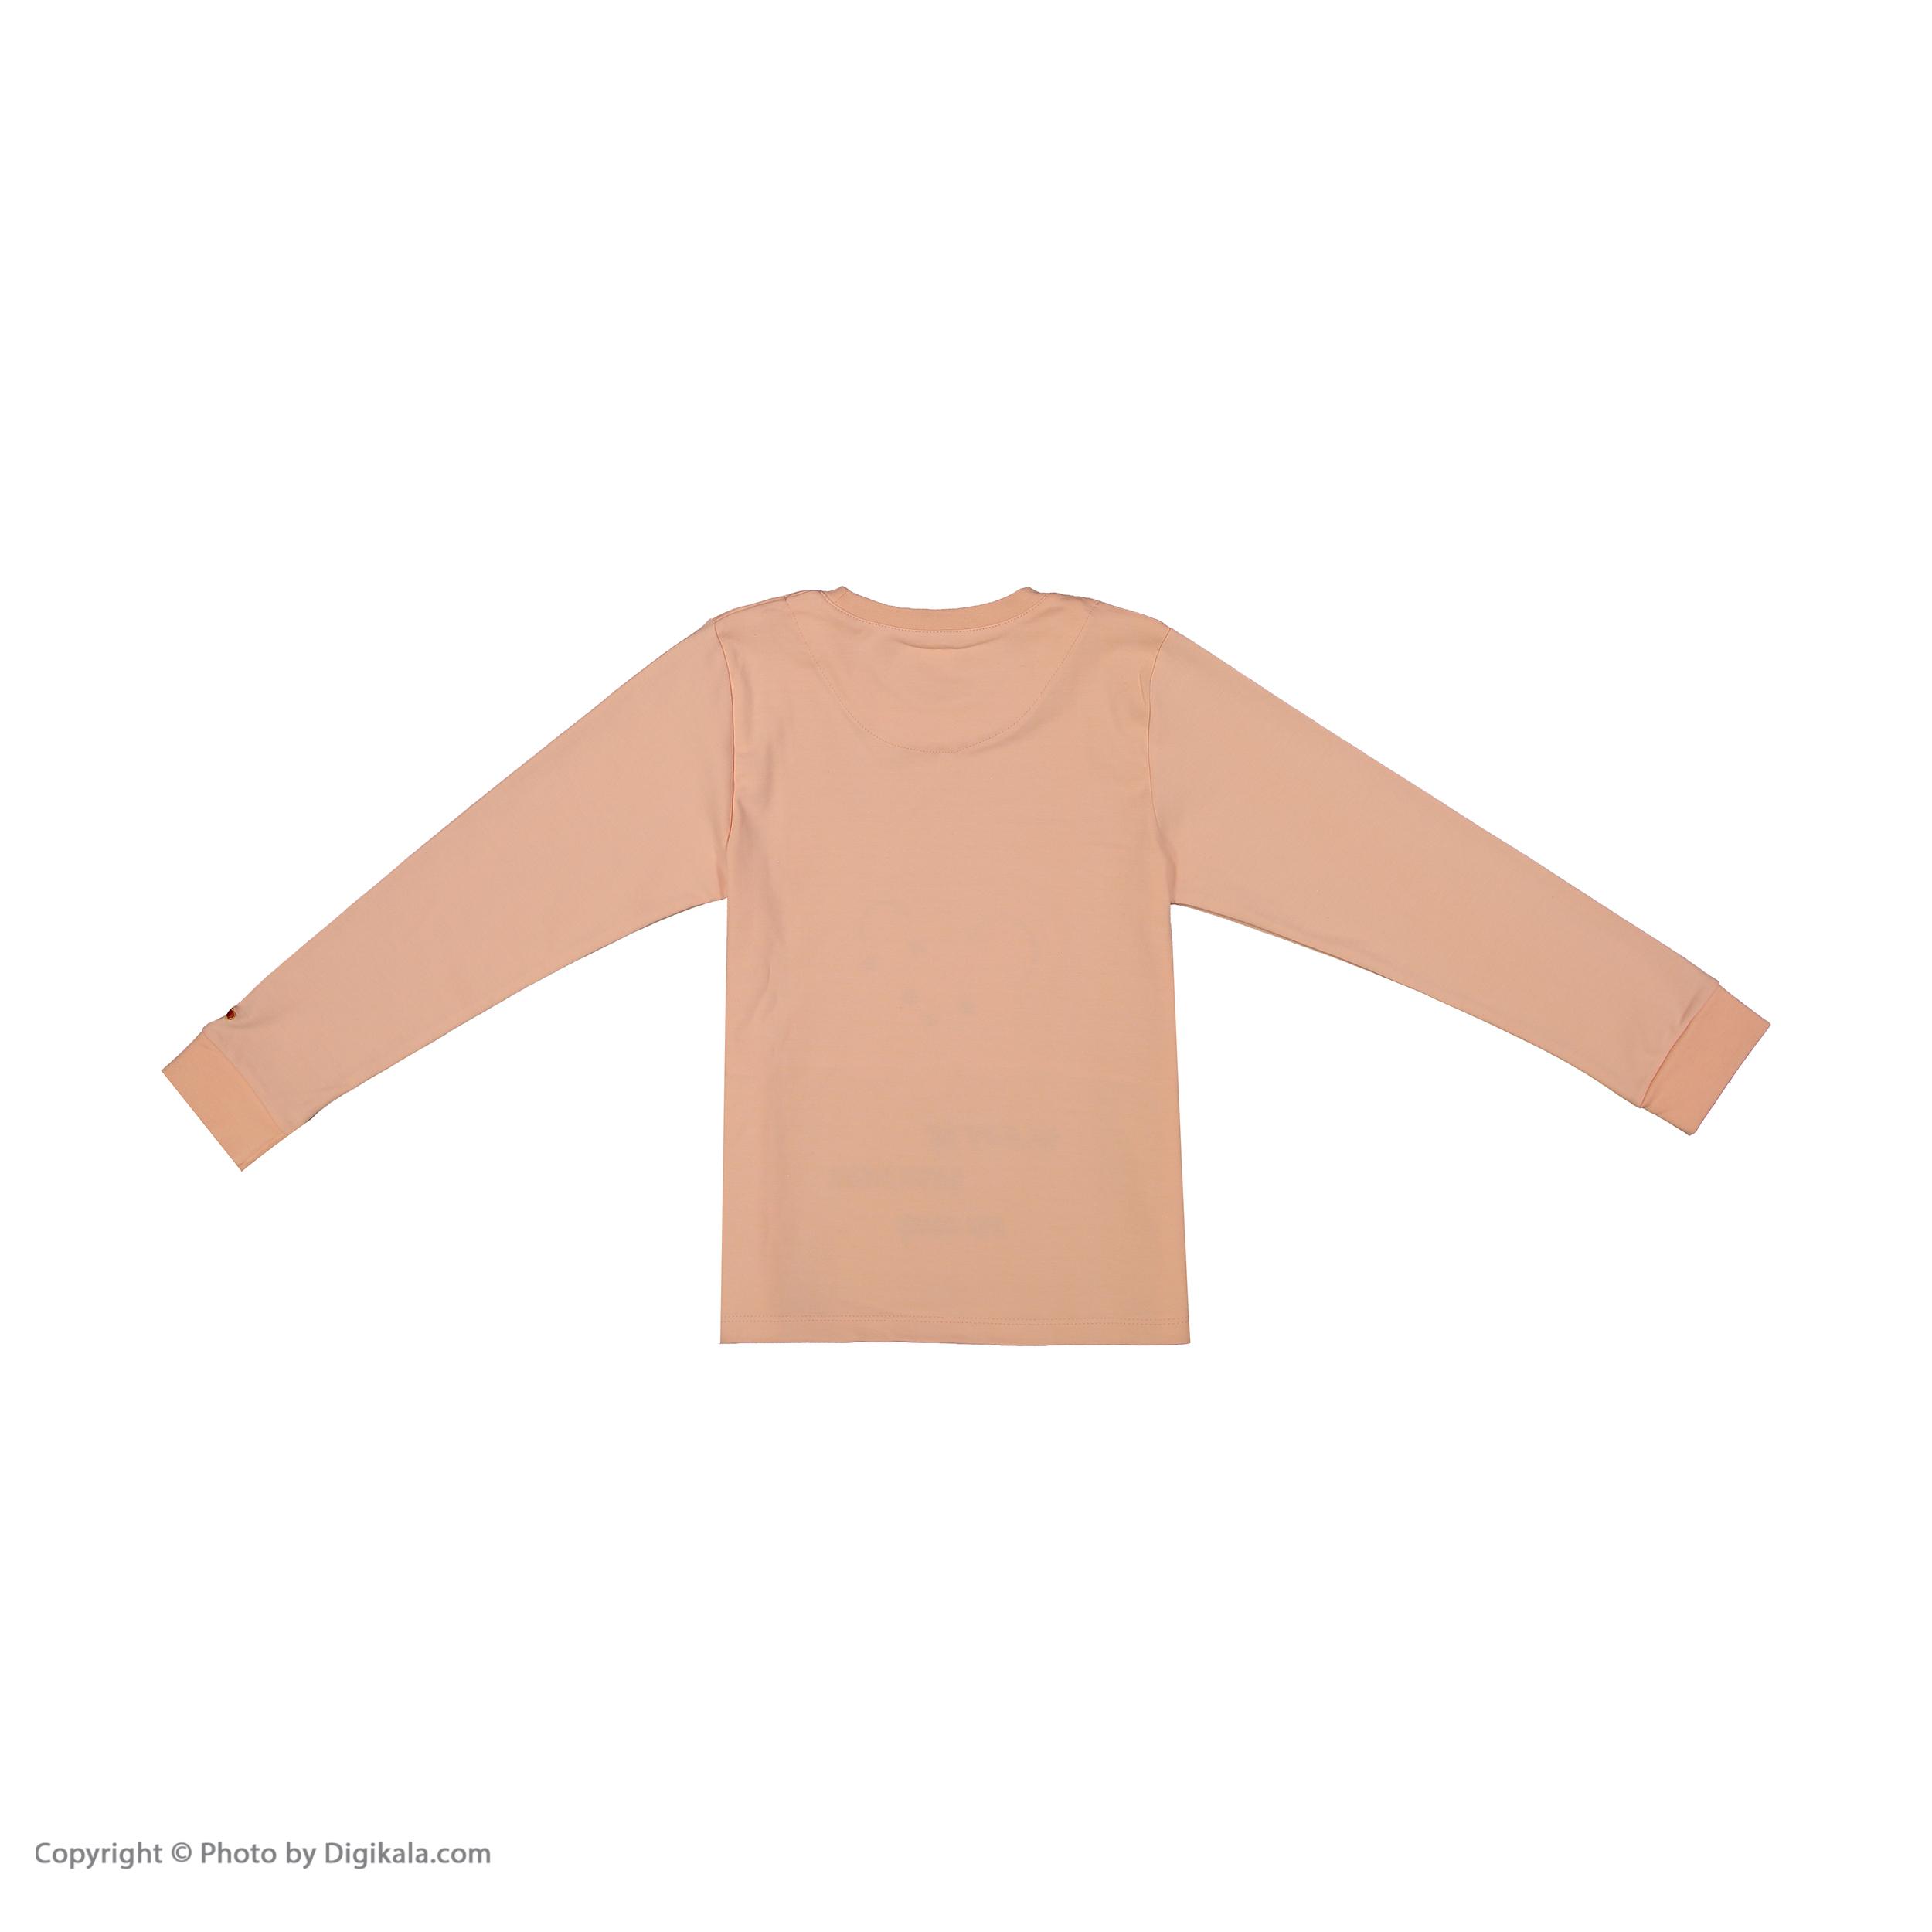 ست تی شرت و شلوار دخترانه مادر مدل 301-80 main 1 3